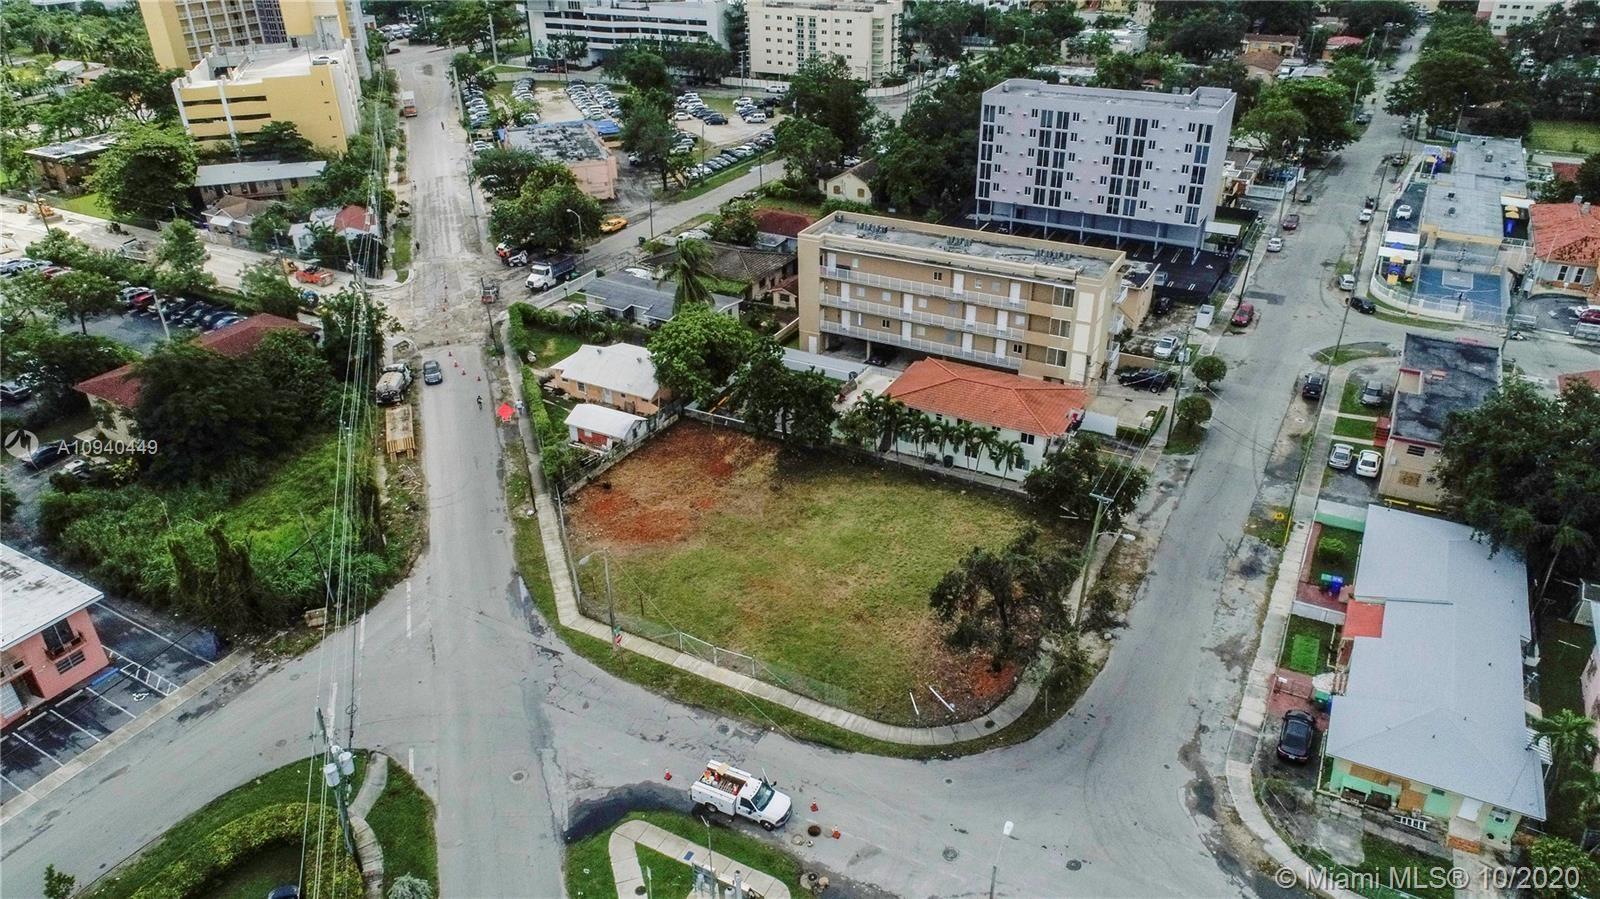 1510 NW 16 Ave, Miami, FL 33125